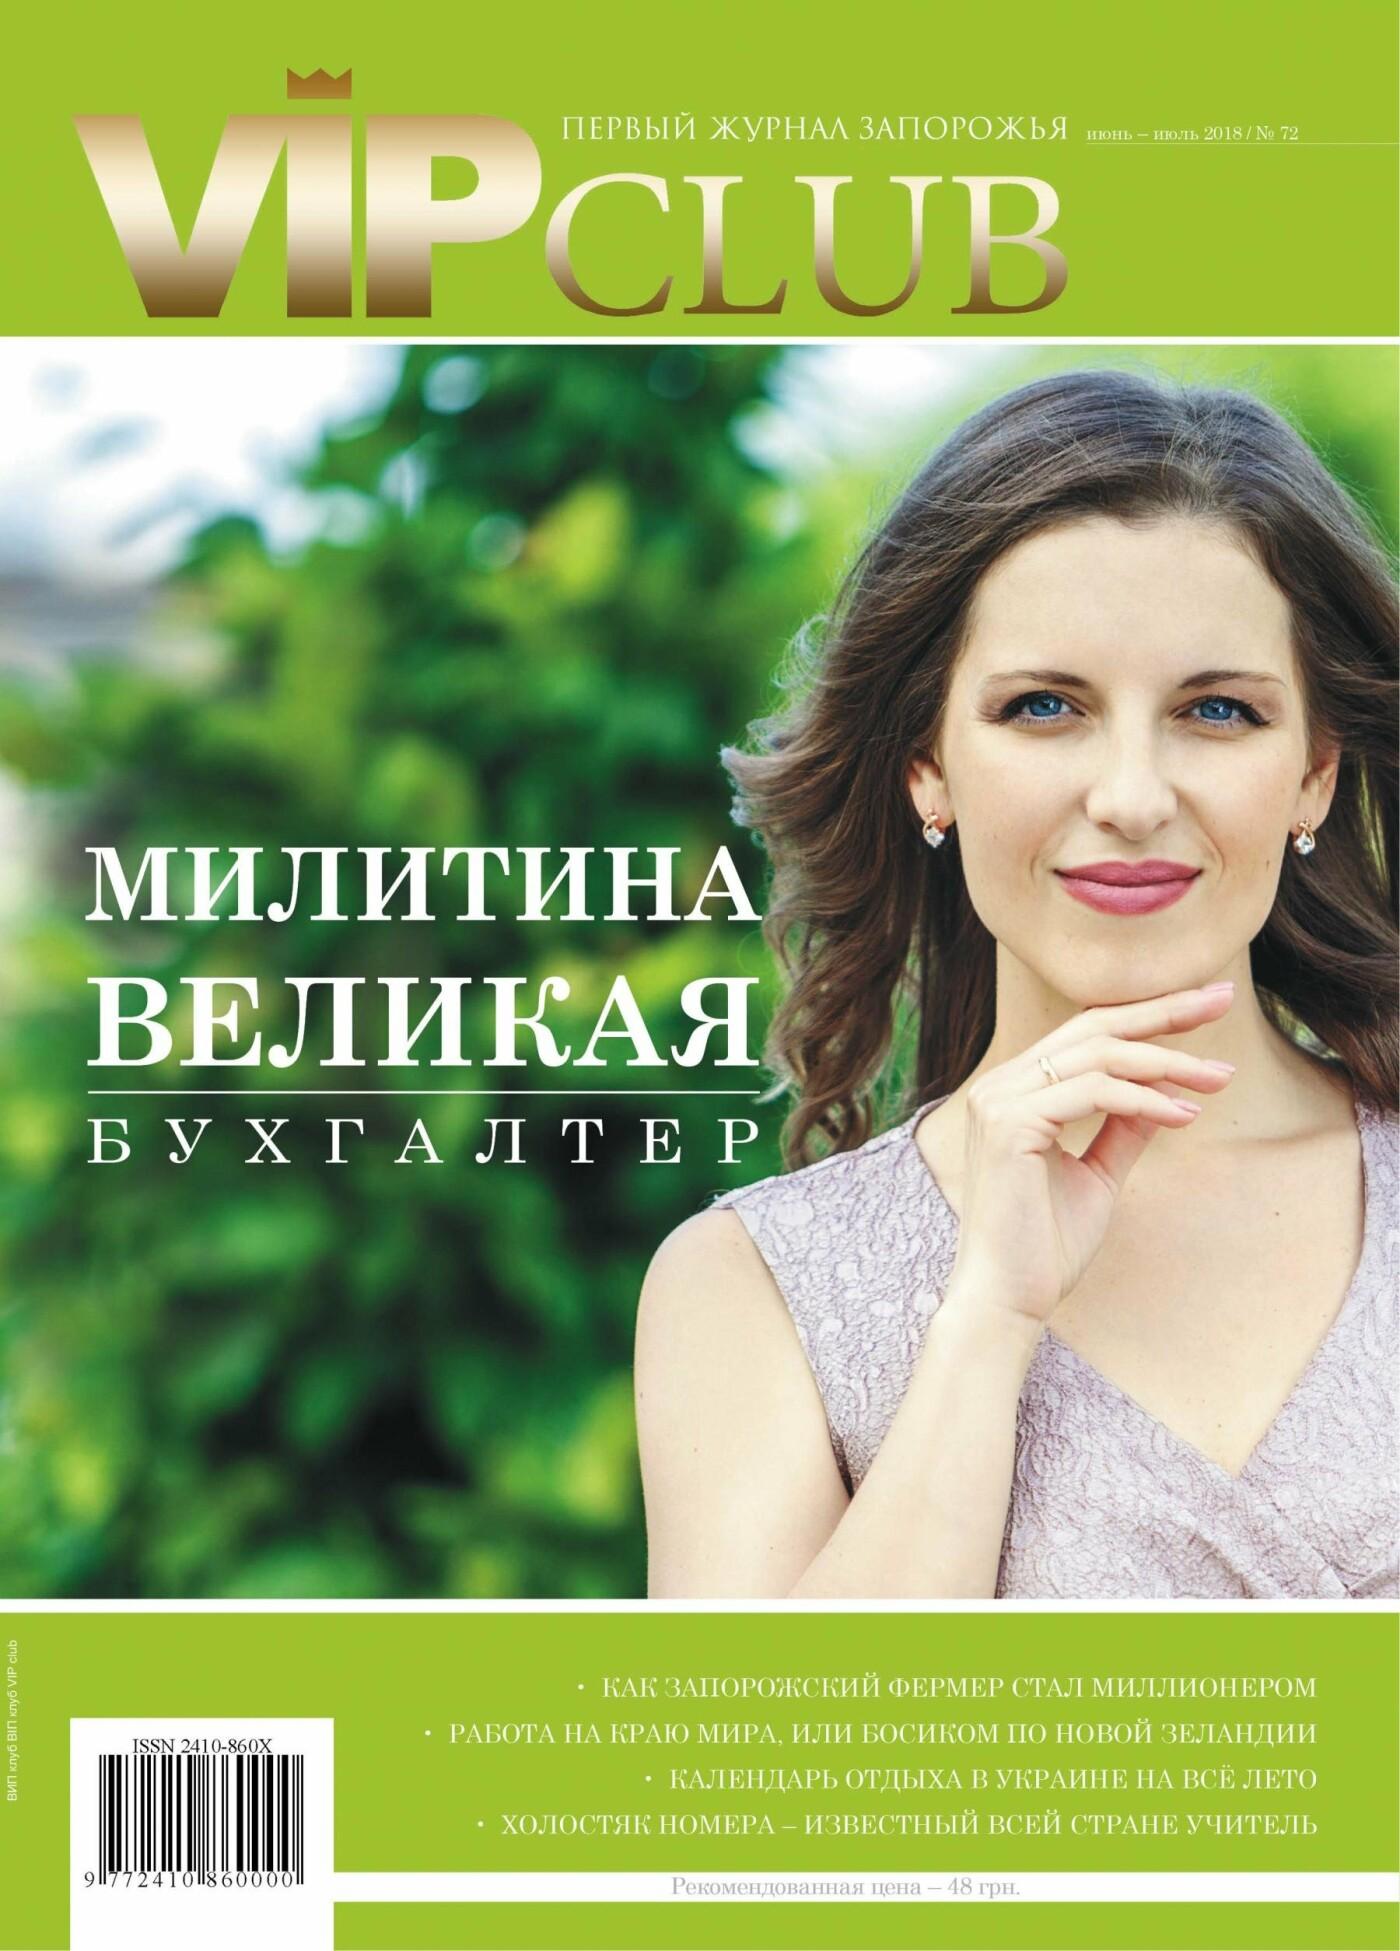 Вышел июньский выпуск запорожского журнала VIP club, фото-1